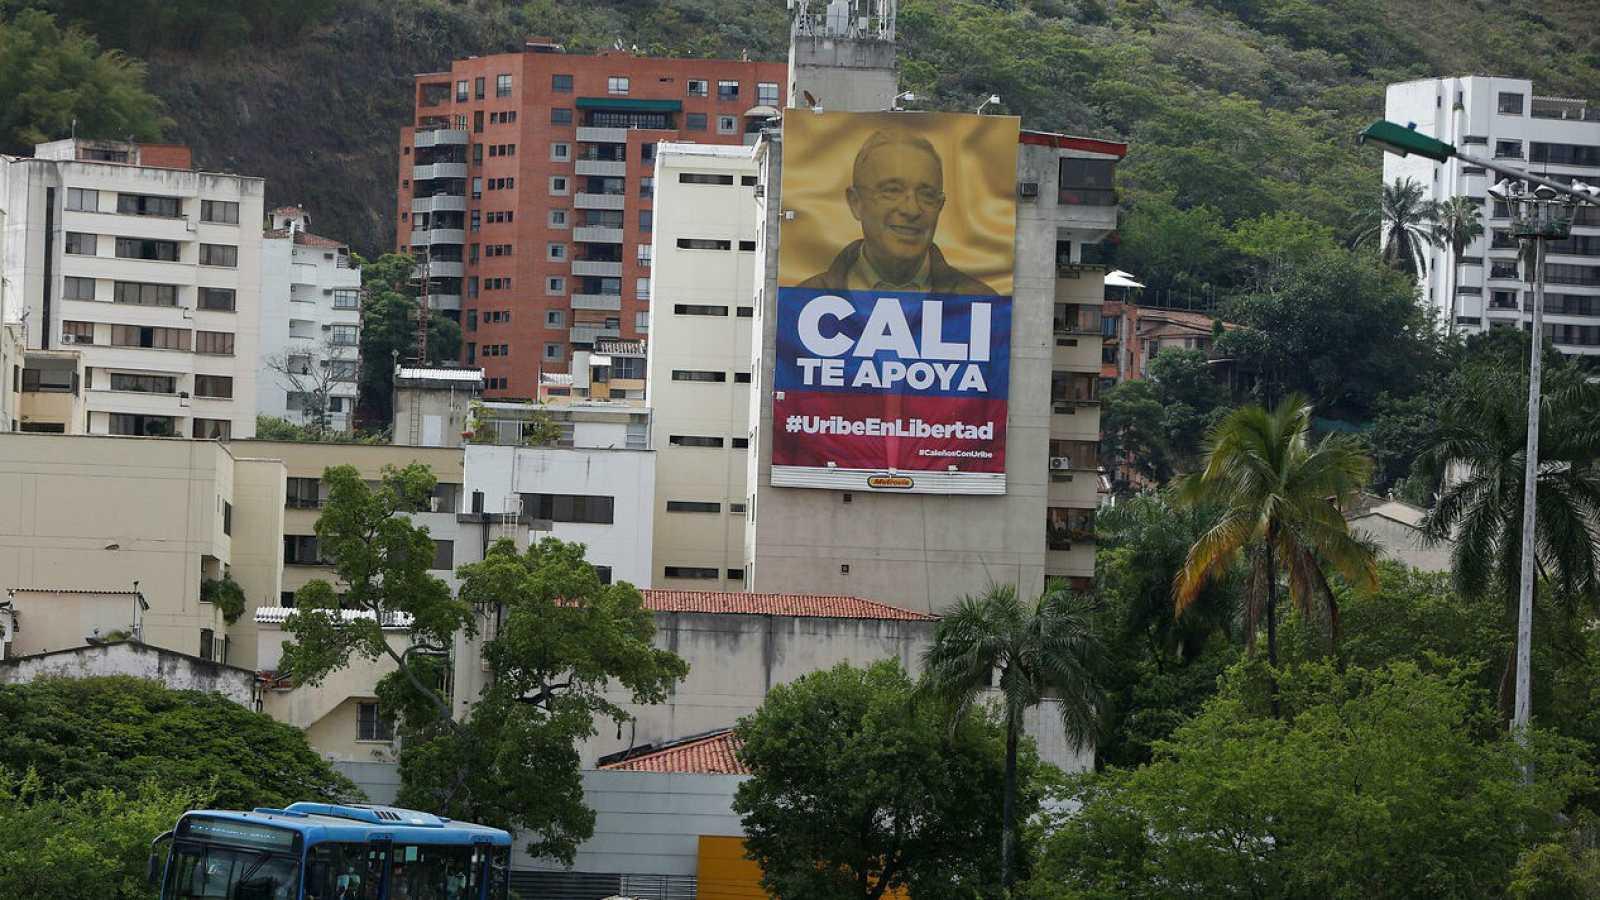 Vista de una valla publicitaria en apoyo al senador Álvaro Uribe, en una calle de Cali (Colombia).